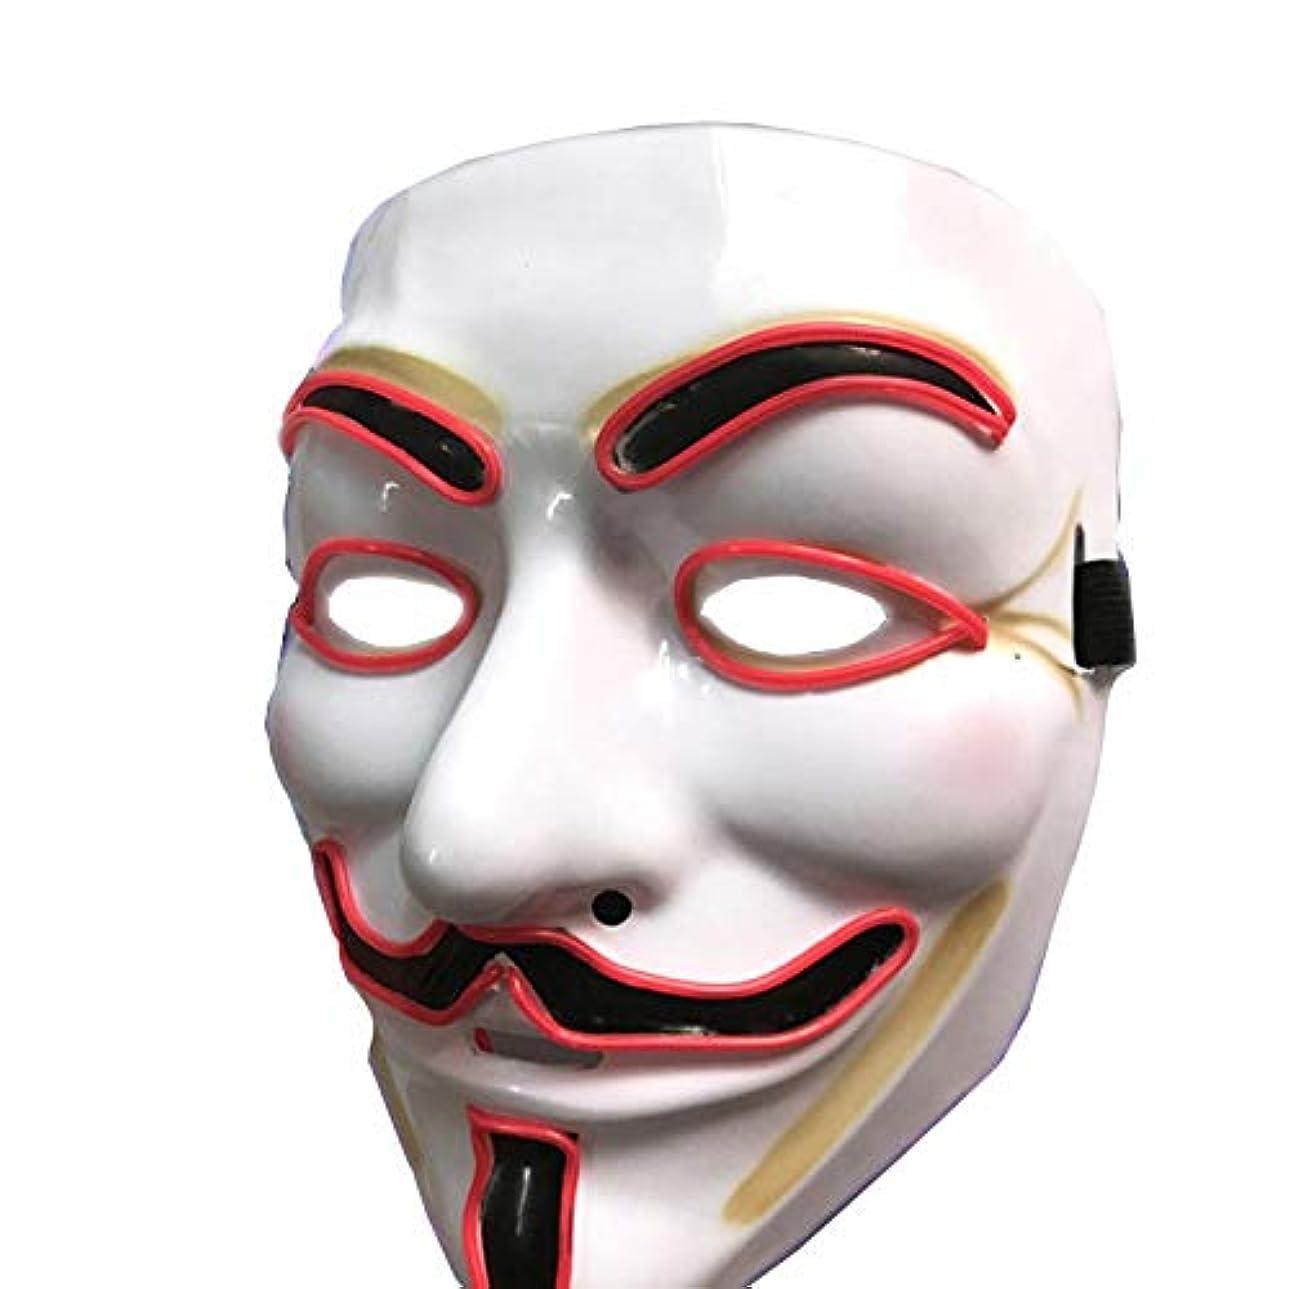 逆にかろうじてリルハロウィーンマスクLEDライトアップマスクグローイングマスク、コスプレ、レッド